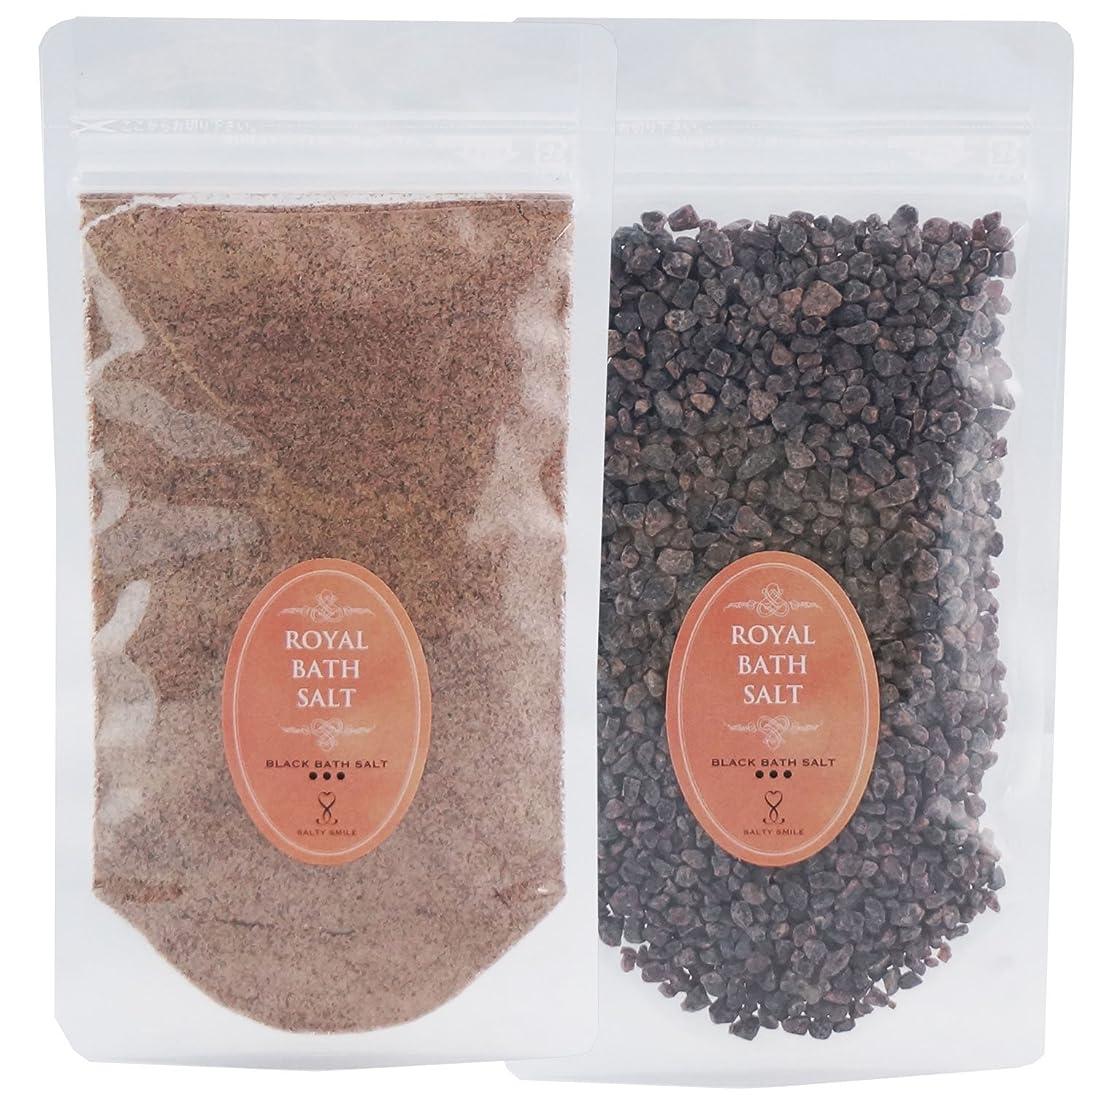 色することになっているスクラップロイヤル バスソルト ヒマラヤ岩塩 ブラック パウダー グレイン 各200g 粗粒 粉 ROYAL BATH SALT